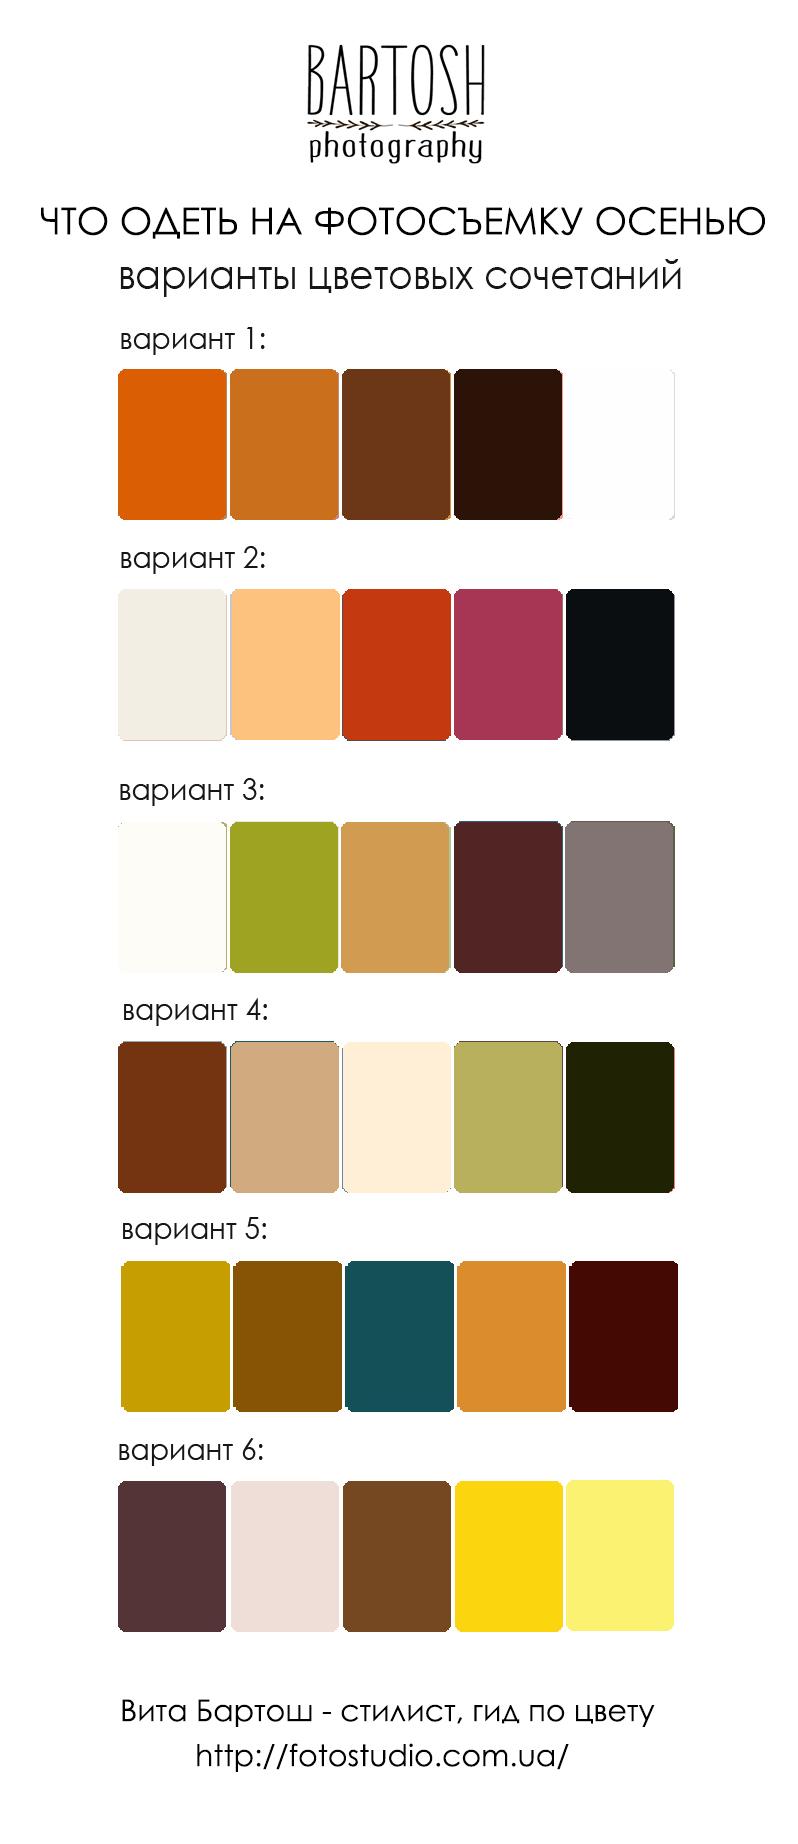 Цветовые сочетания для осенней фотосъемки